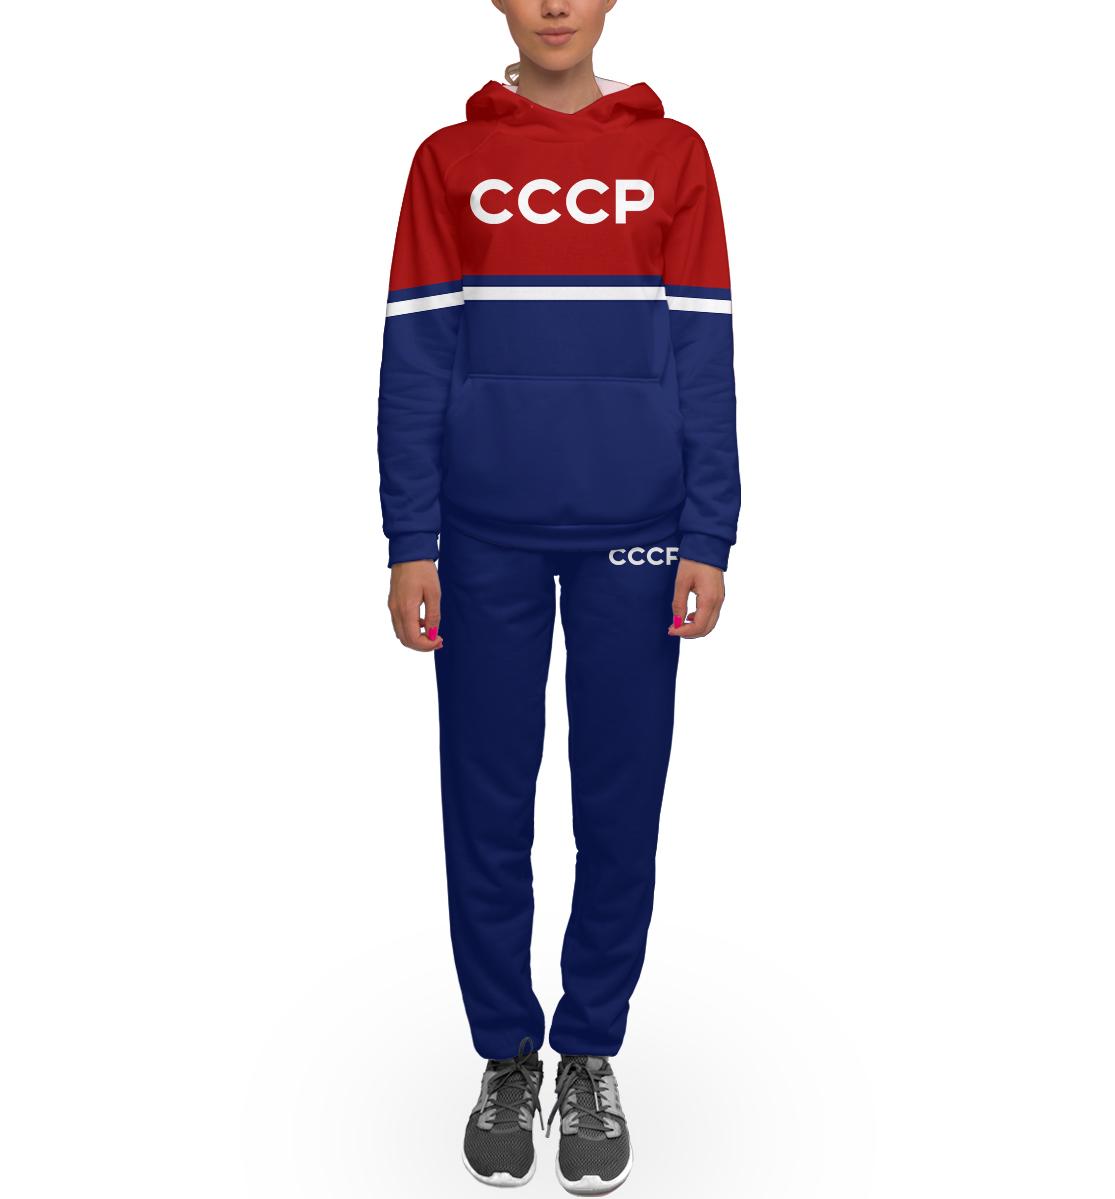 Фото спортивный костюм ссср москва